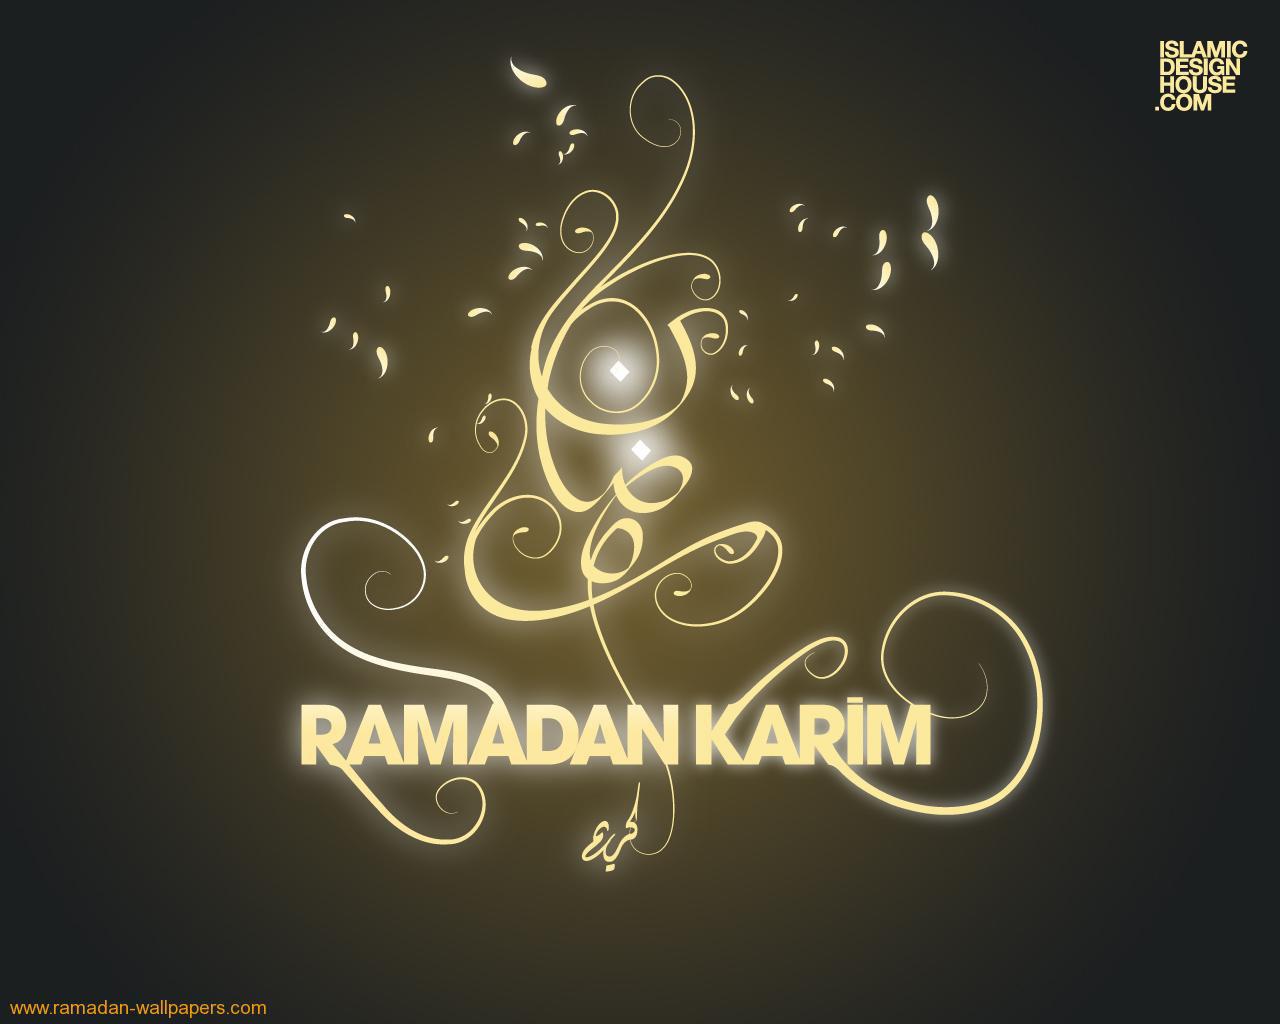 http://4.bp.blogspot.com/-zYCEZ5v3y1A/T_a72L_T0QI/AAAAAAAAEM0/GIiIwzxuerg/s1600/ramadan-mubarak-wallpapers-30.jpg